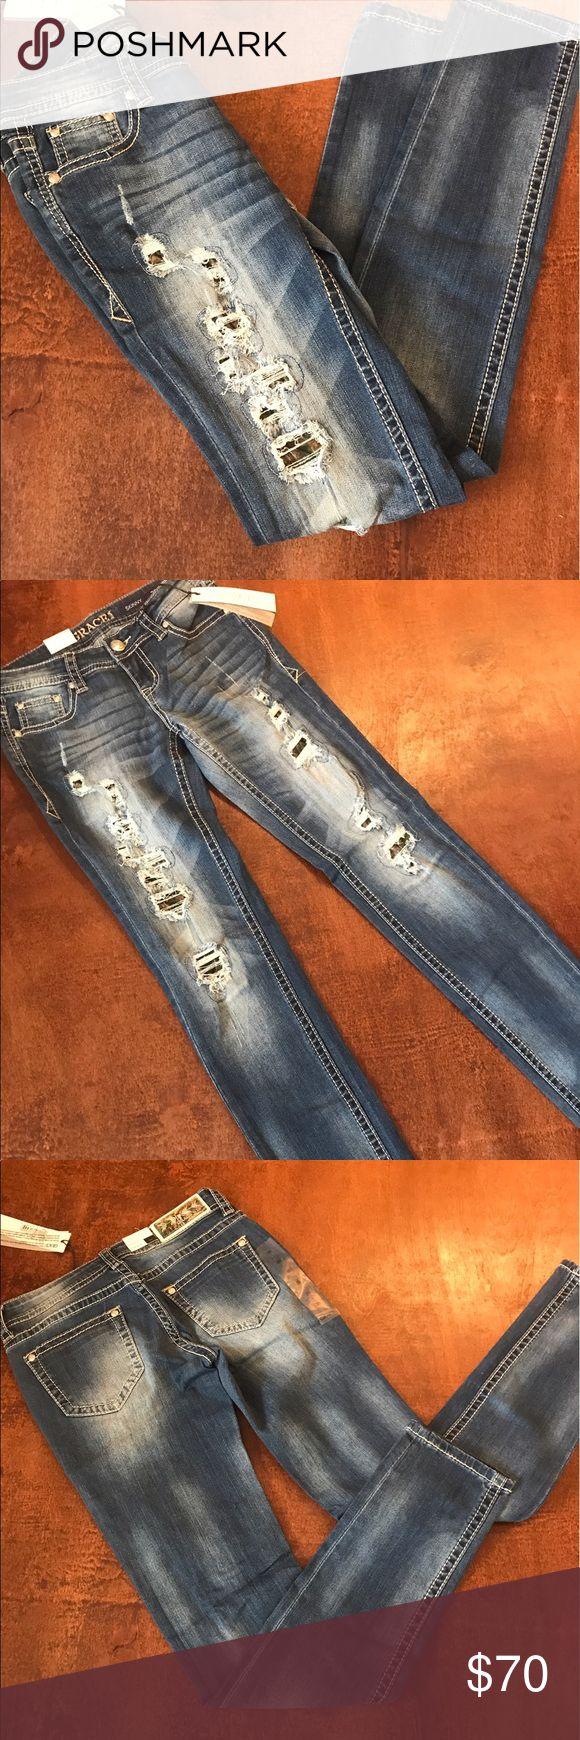 GRACE IN LA REALTREE SKINNY JEANS Realtree camo skinny jeans grace in la Jeans Skinny